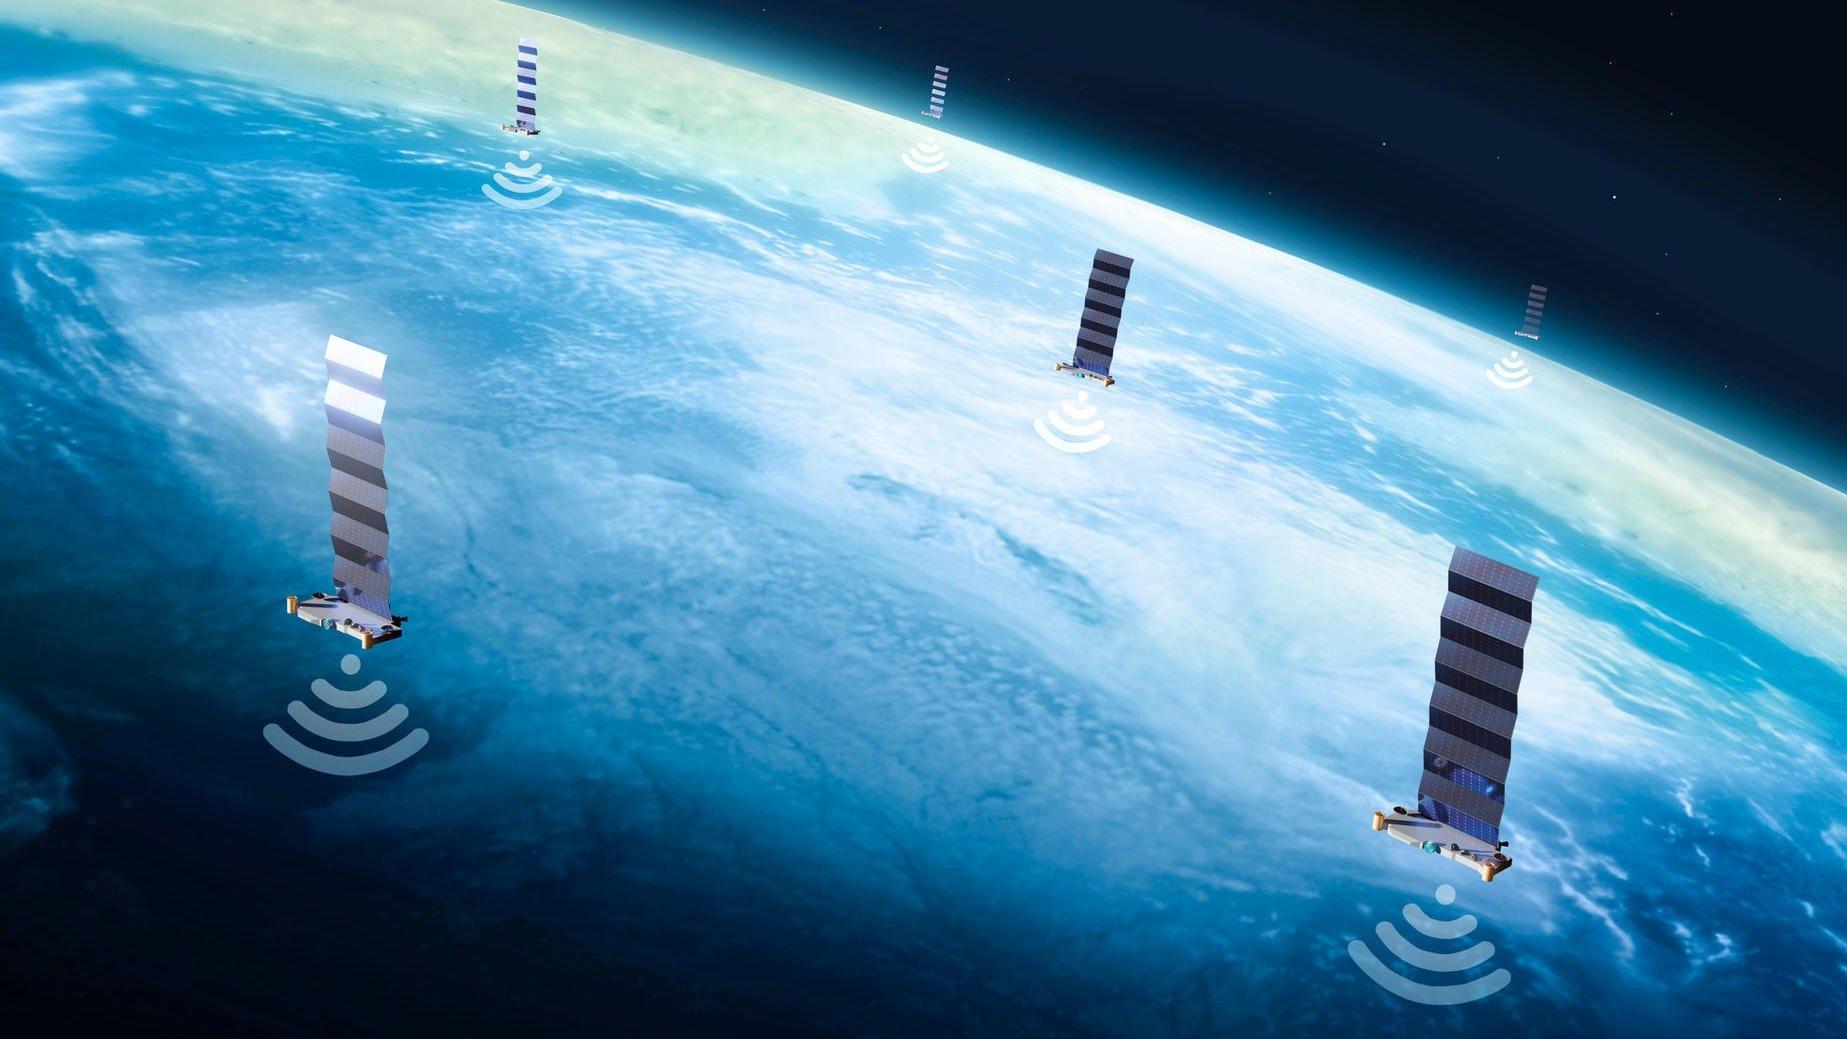 محققان به جای GPS با ماهوارههای استارلینک موقعیت خود را پیدا کردند